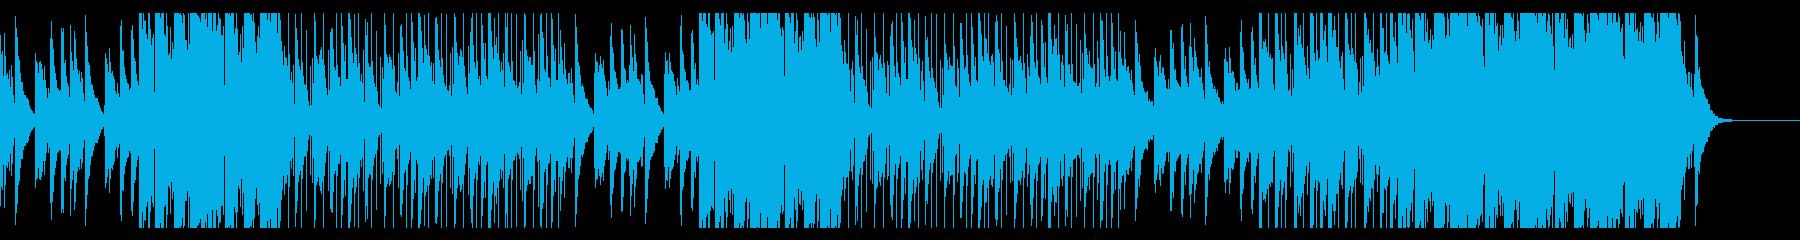 ピアノが印象的なCillBeatの再生済みの波形